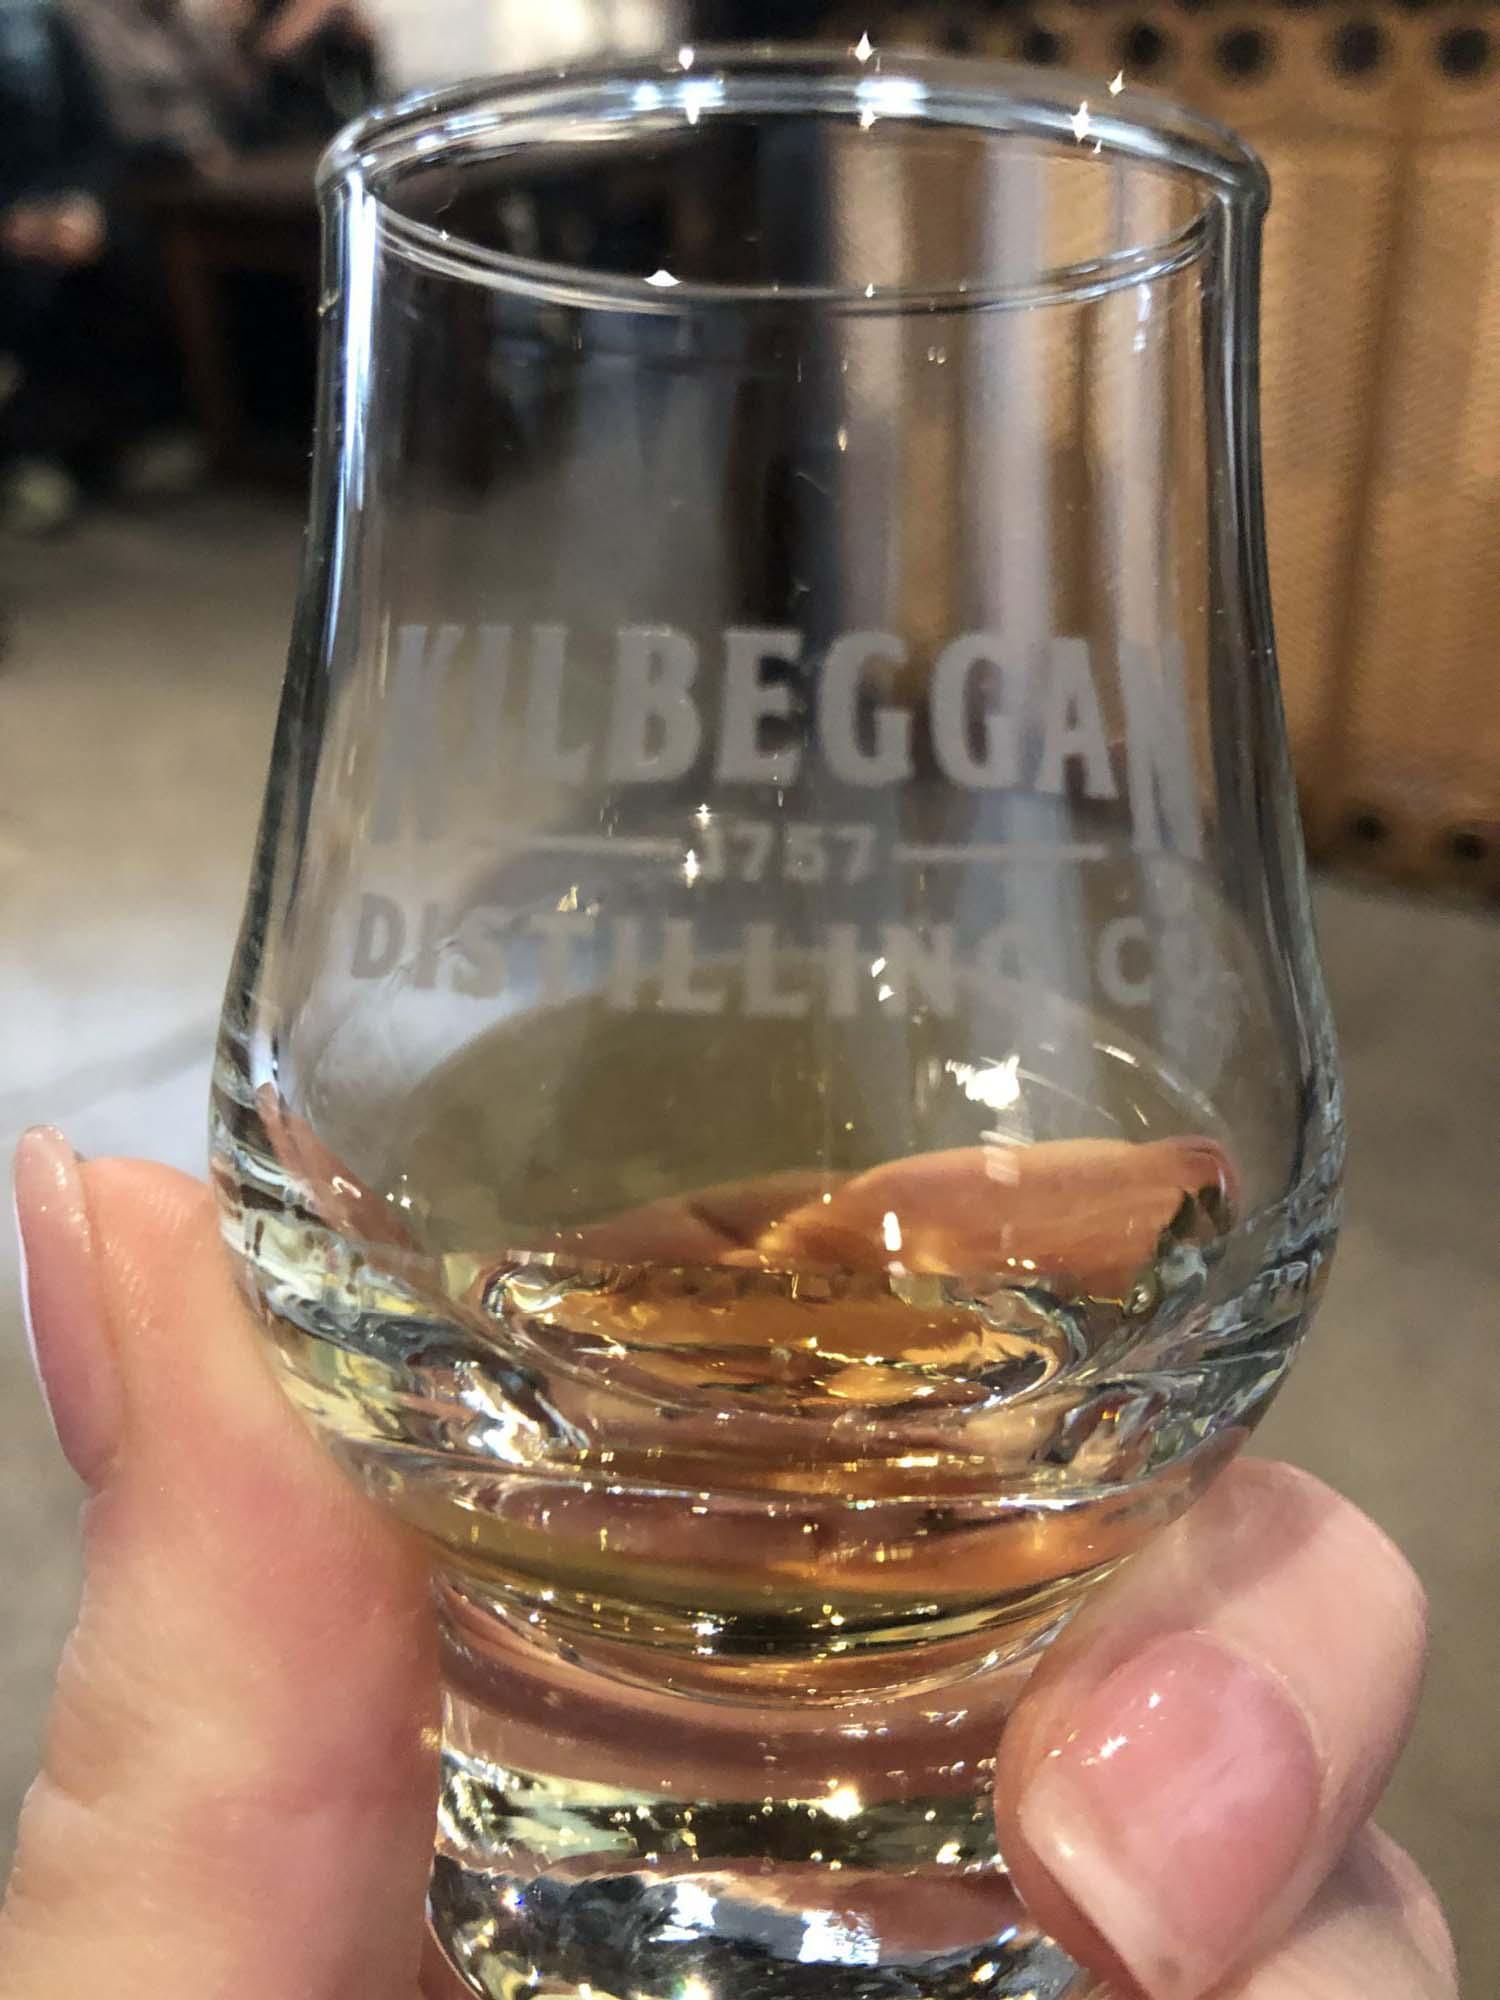 Oldest legal distillery!